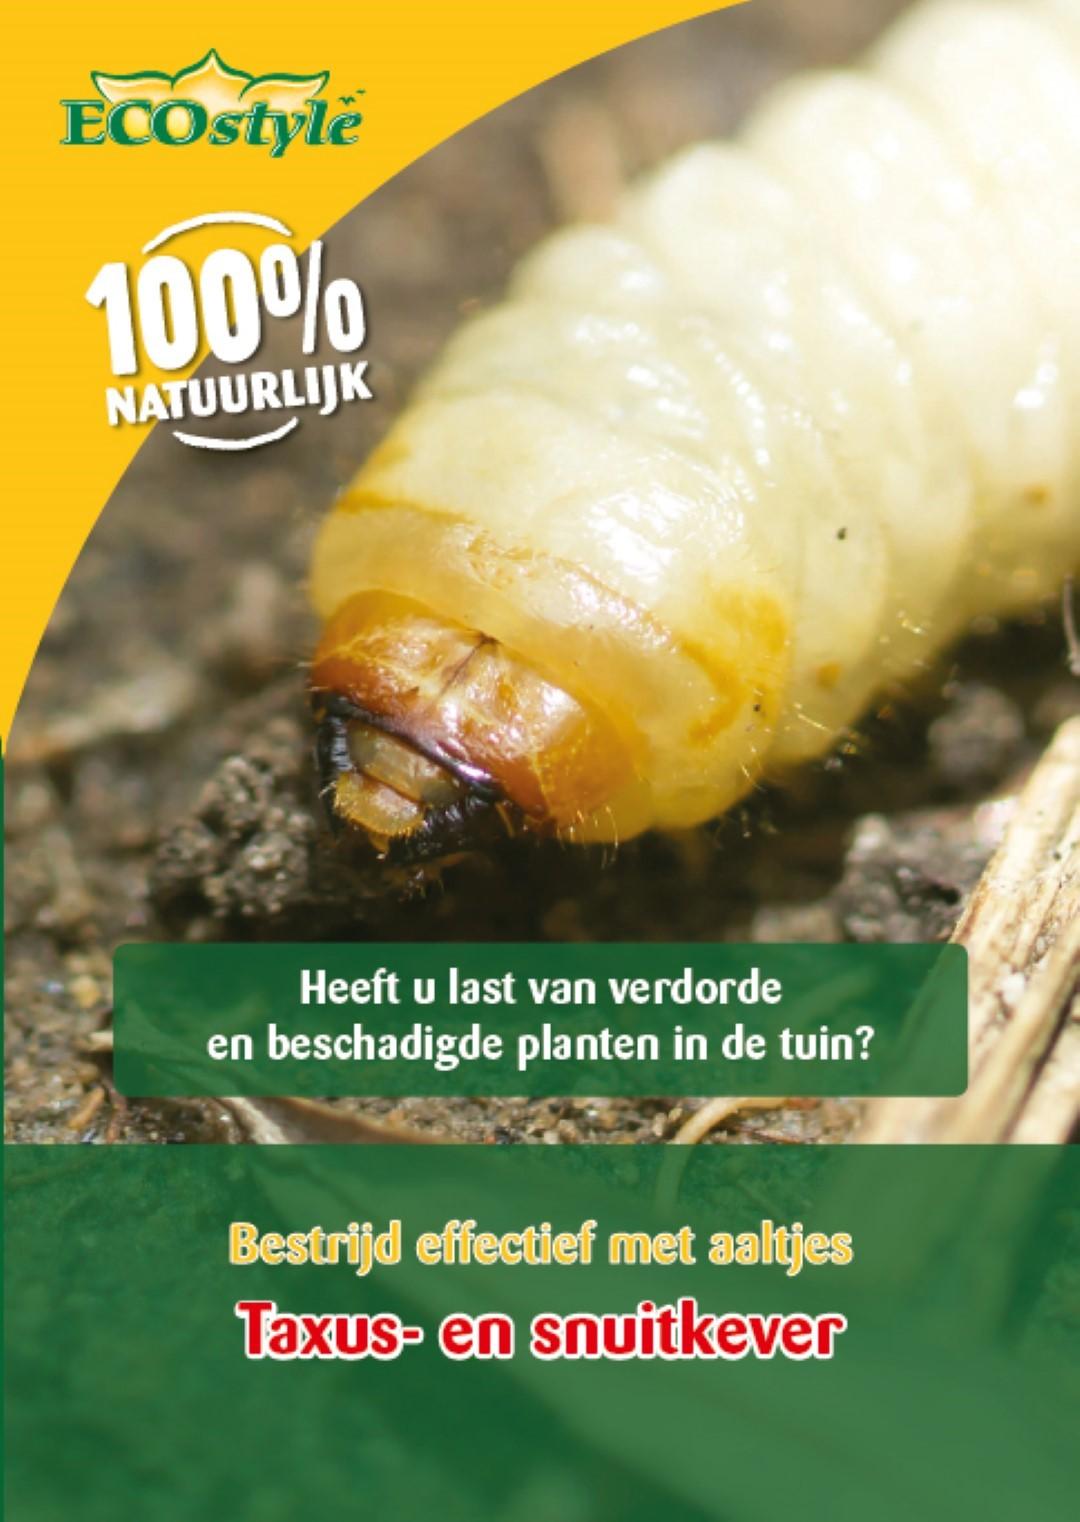 Aaltjes L tegen larven taxus- en snuitkever 50 miljoen/100 m2